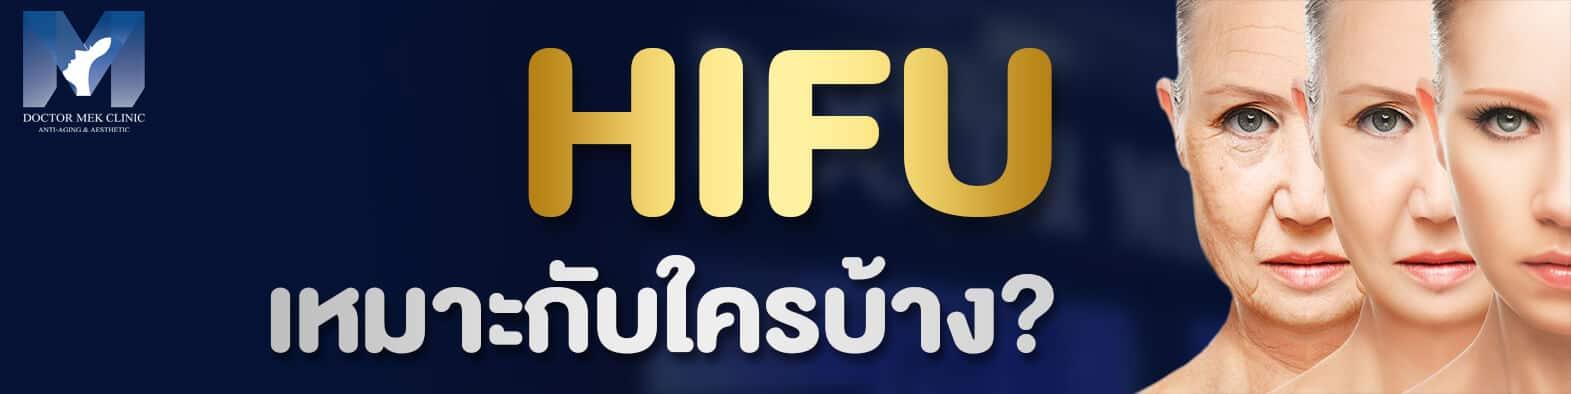 HIFU ( ไฮฟู่ ) เหมาะกับใครบ้าง ?